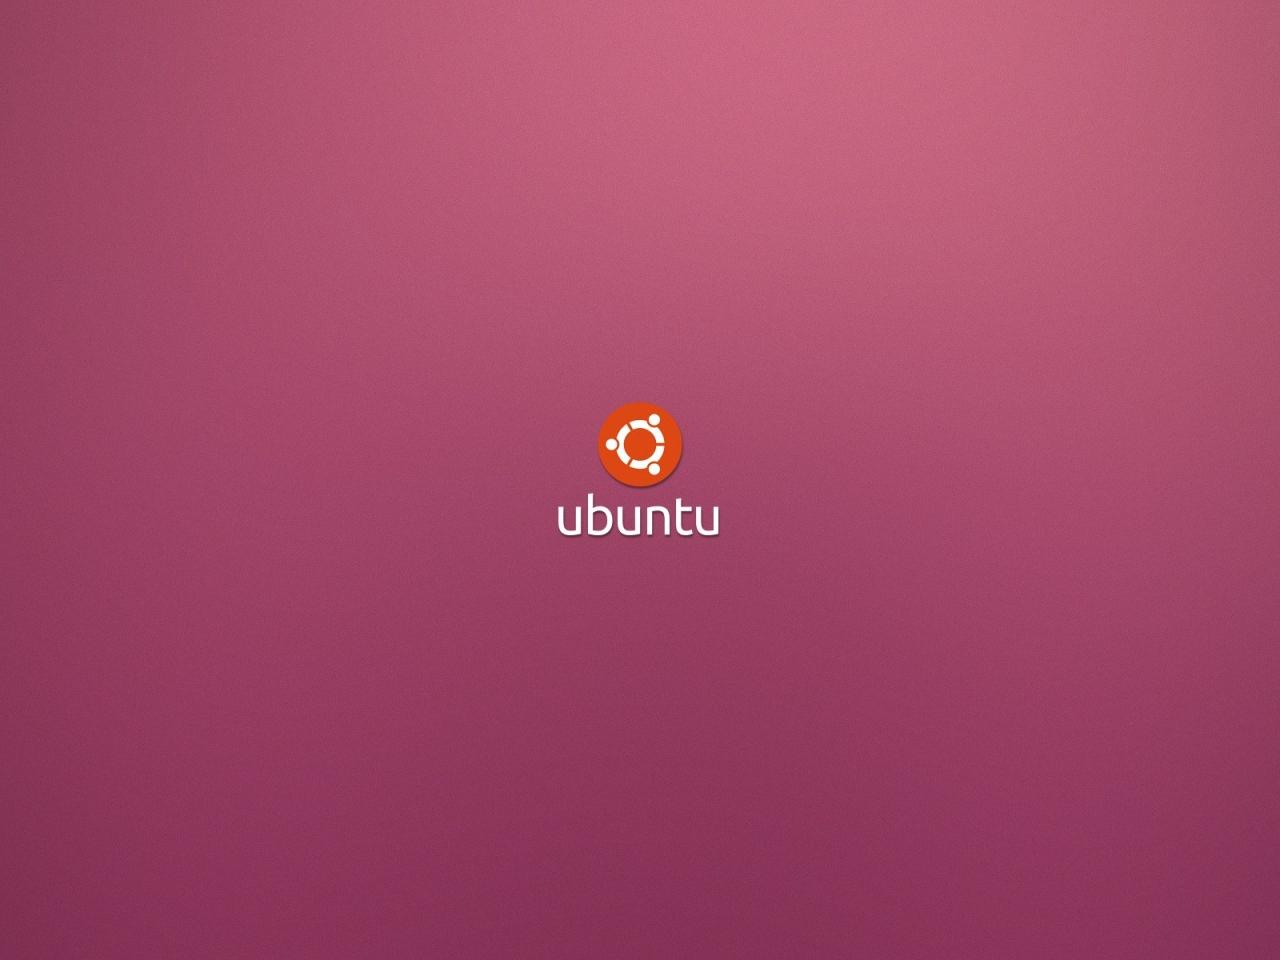 Ubuntu fondo - 1280x960